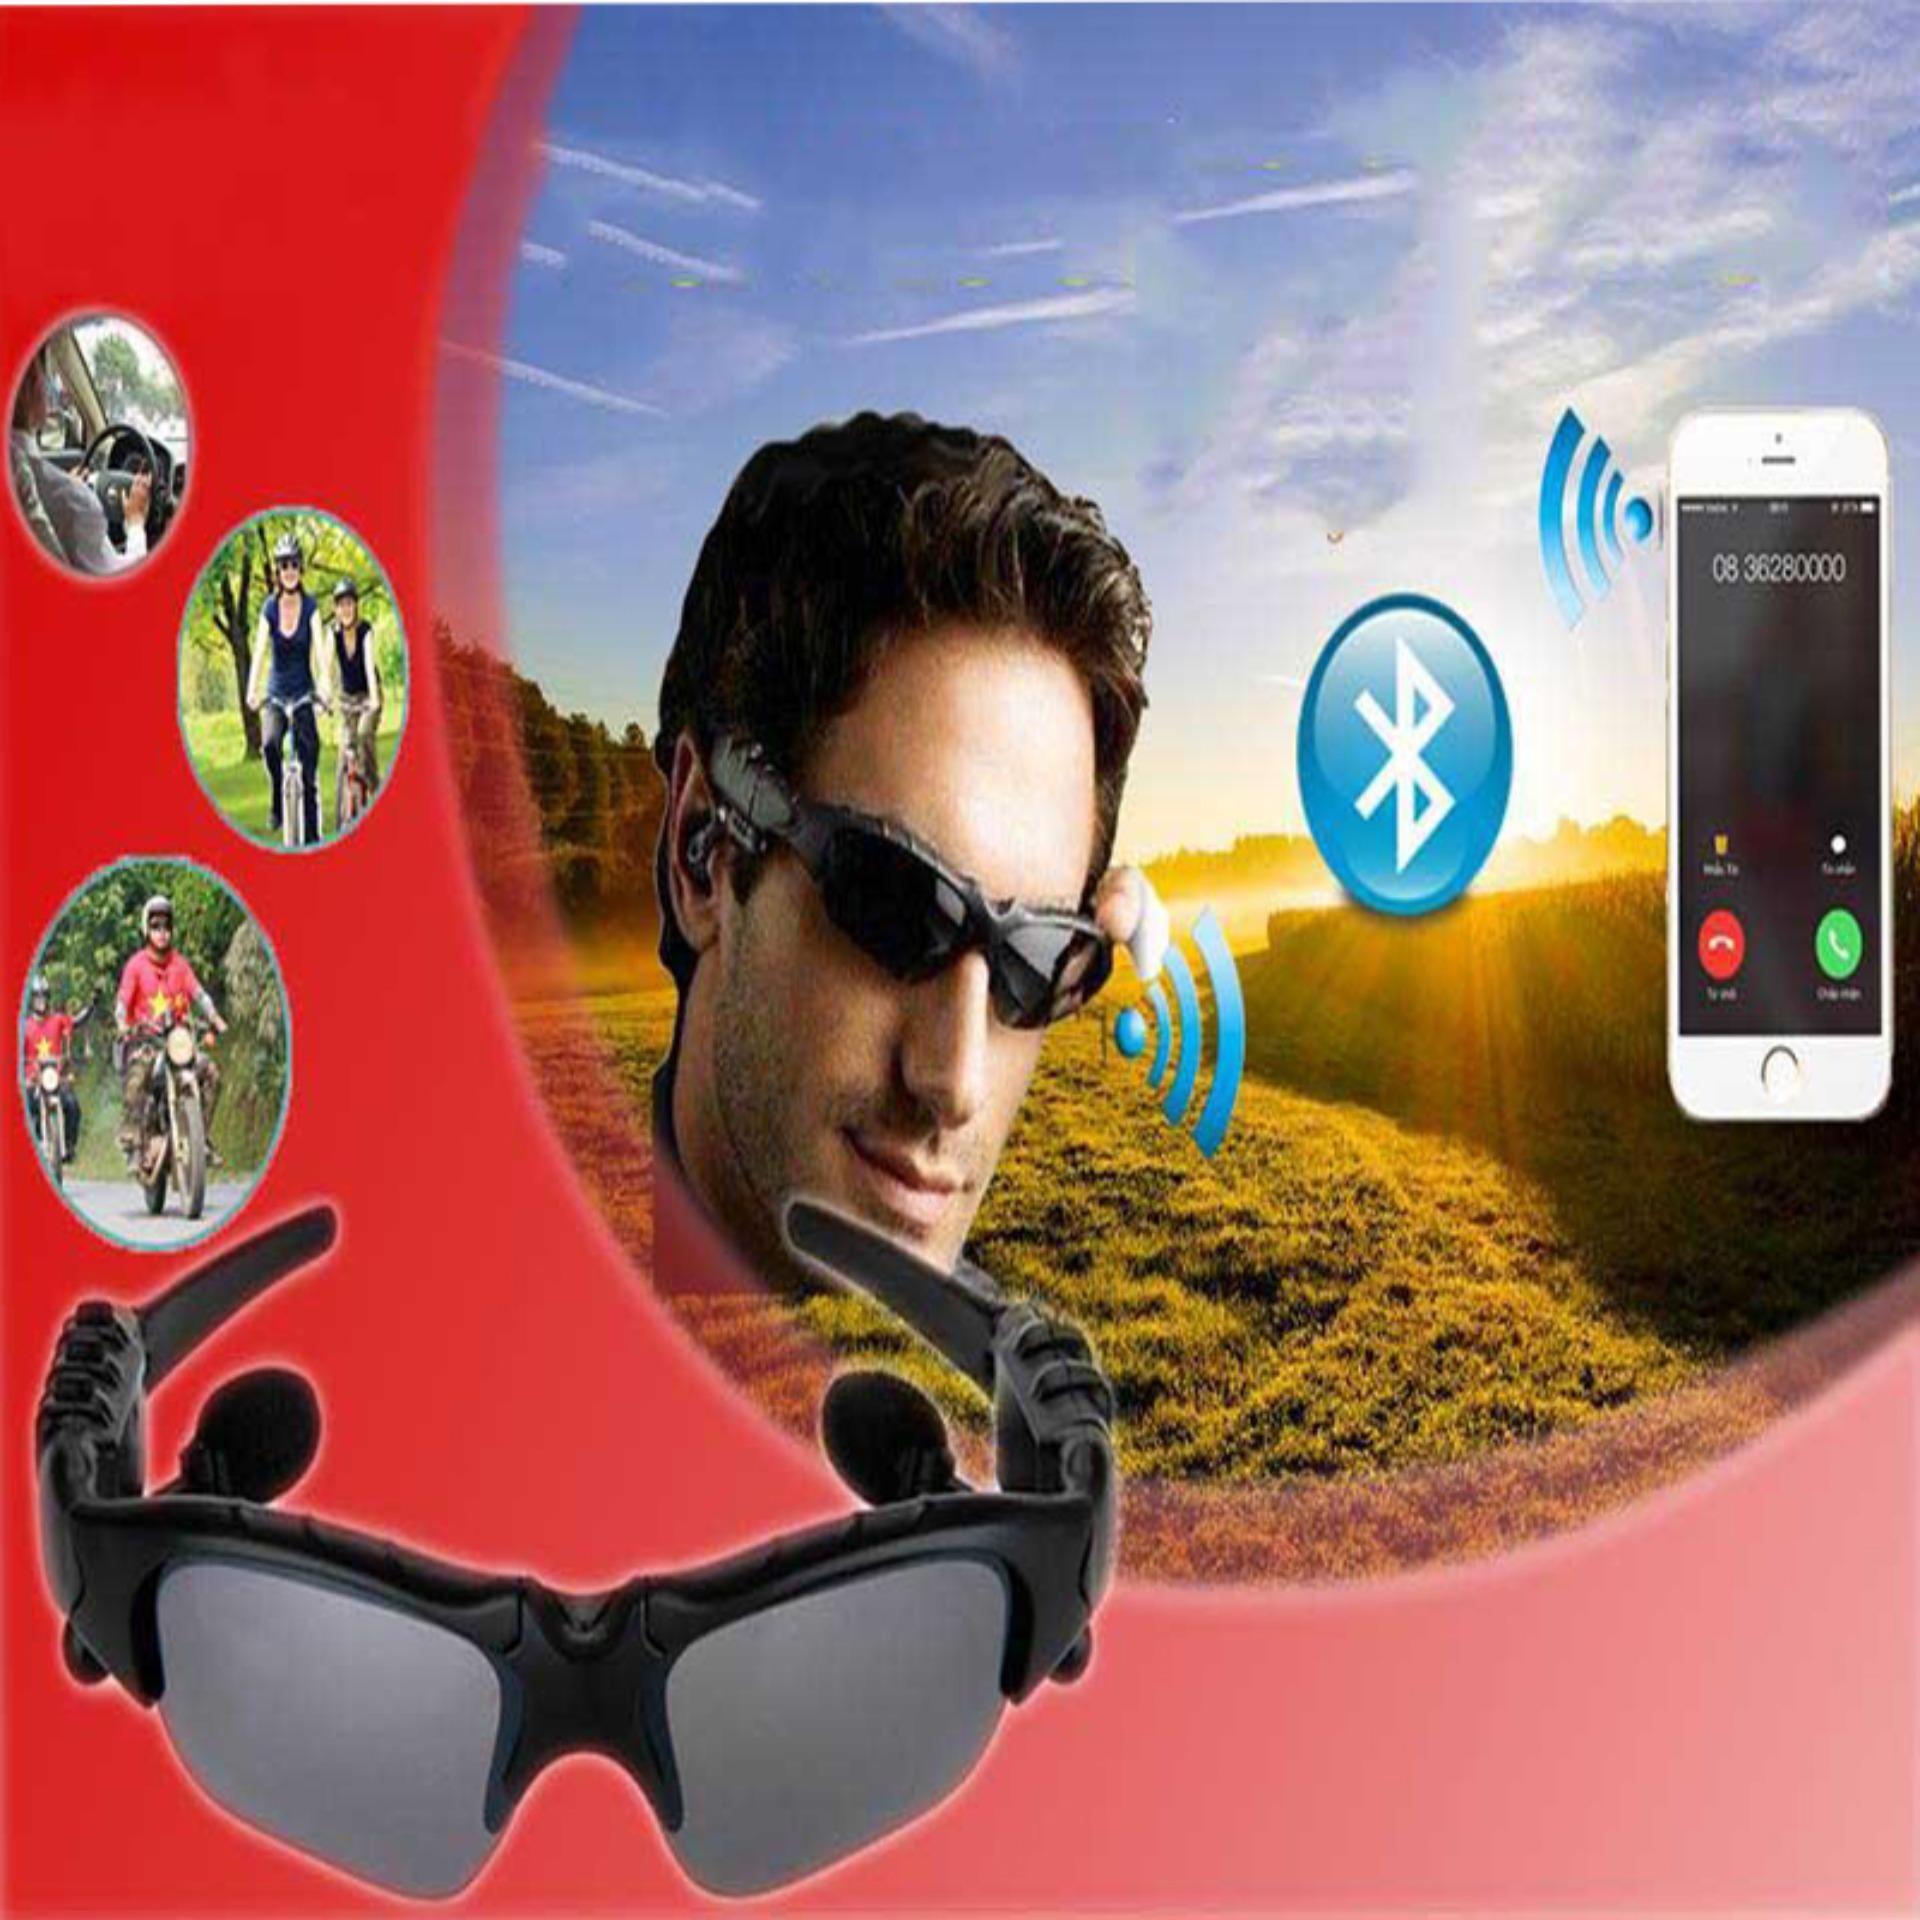 Giá Mắt Kính Bluetooth, Mua Mắt Kính Mp3 Giá Rẻ, Mua Ngay Mắt Kính Bluetooth 4.1 Thông Minh, Chóng Tia Uv 99%, Nghe Nhạc Mọi Lúc Mọi Nơi - Bh 1 Đổi 1